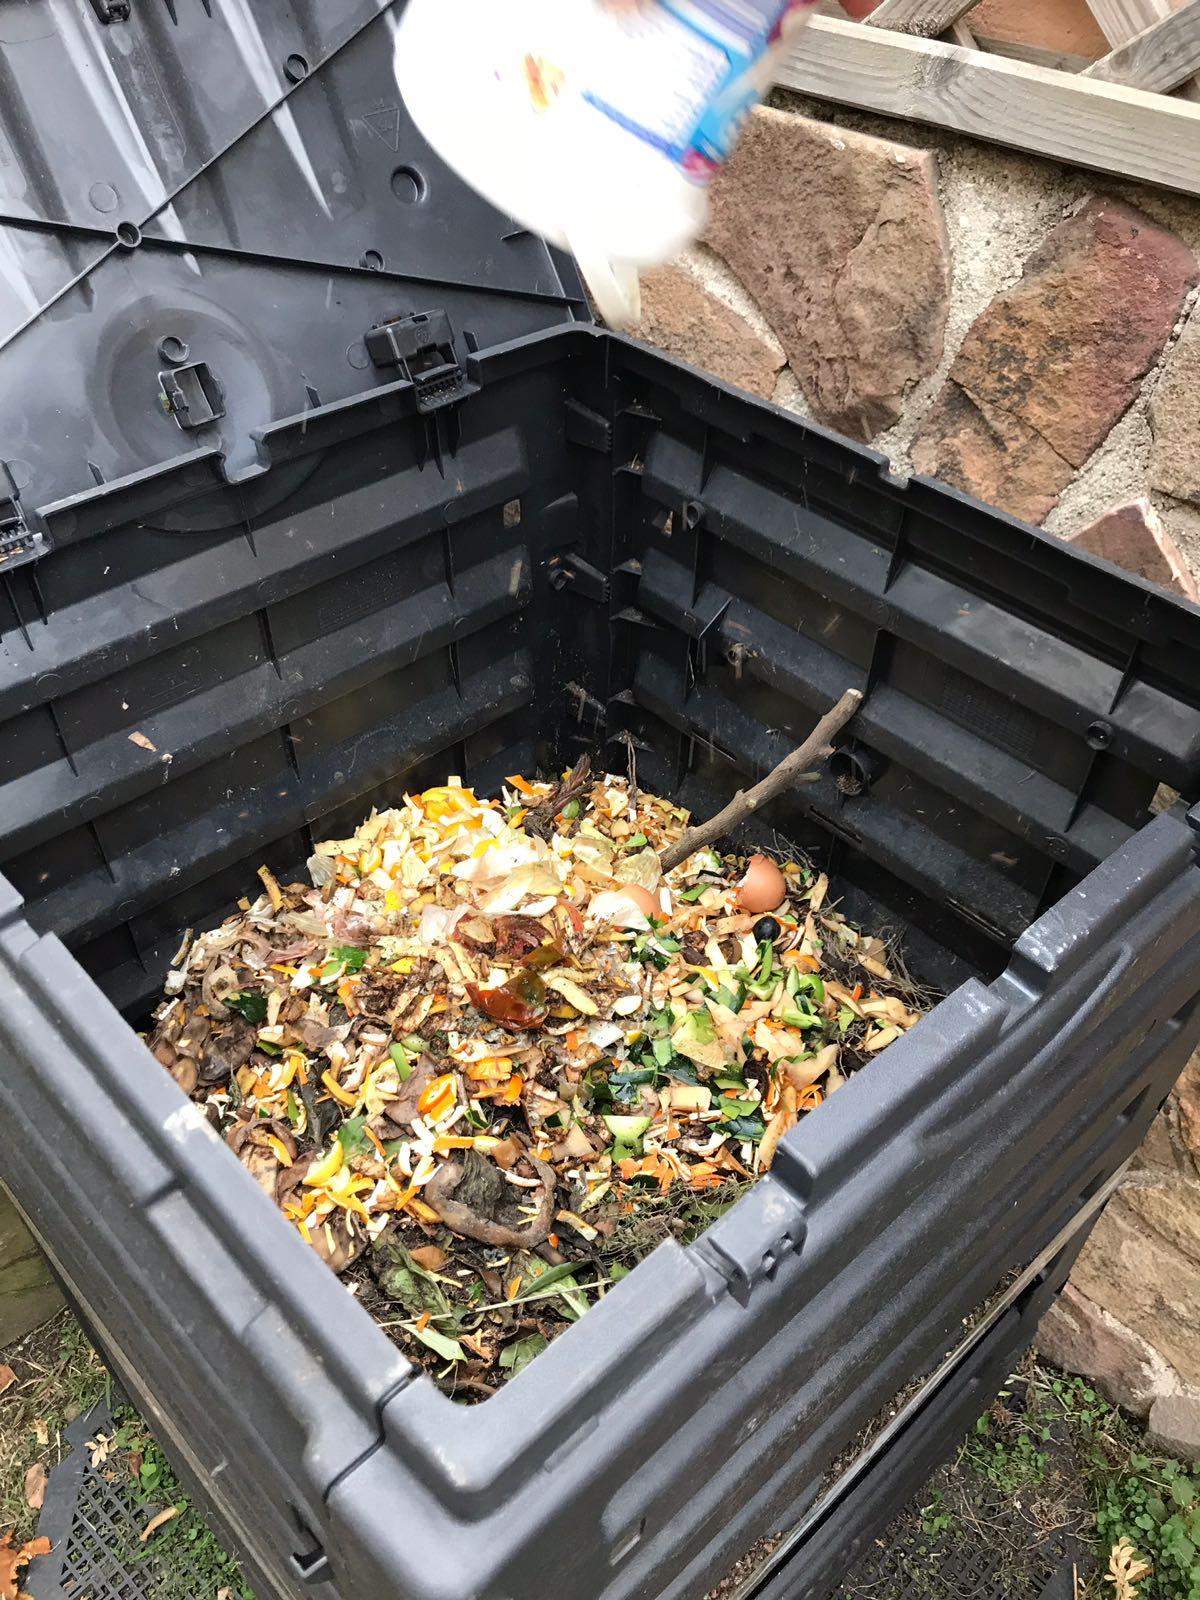 ¿Te unes al programa de compostaje doméstico?. El día 16 de mayo te contamos cómo puedes hacerlo